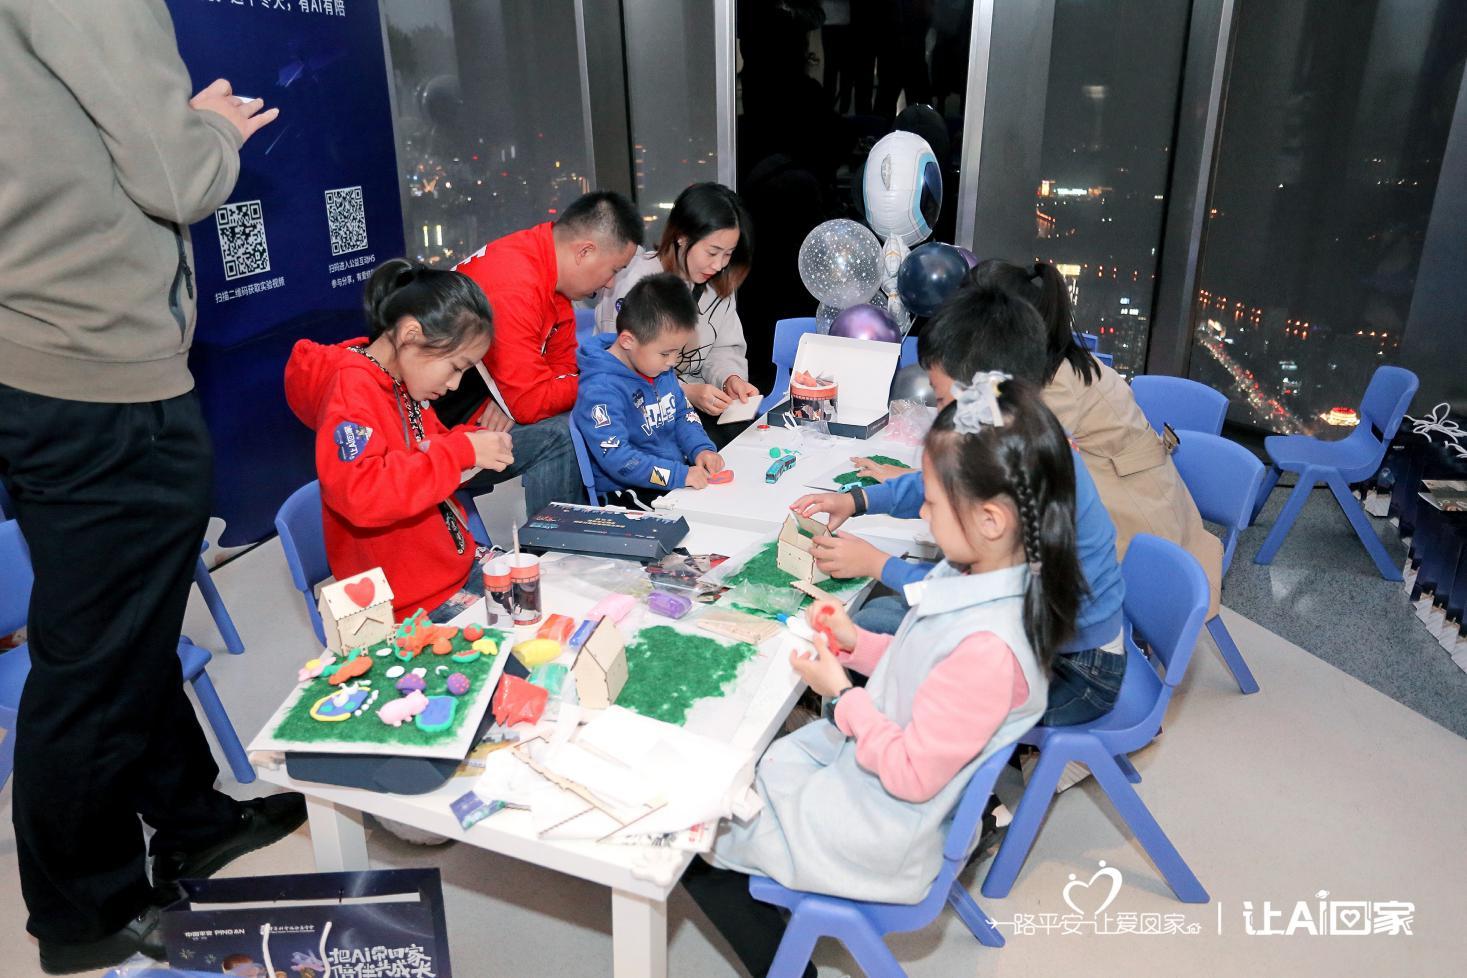 http://www.reviewcode.cn/yunjisuan/111347.html